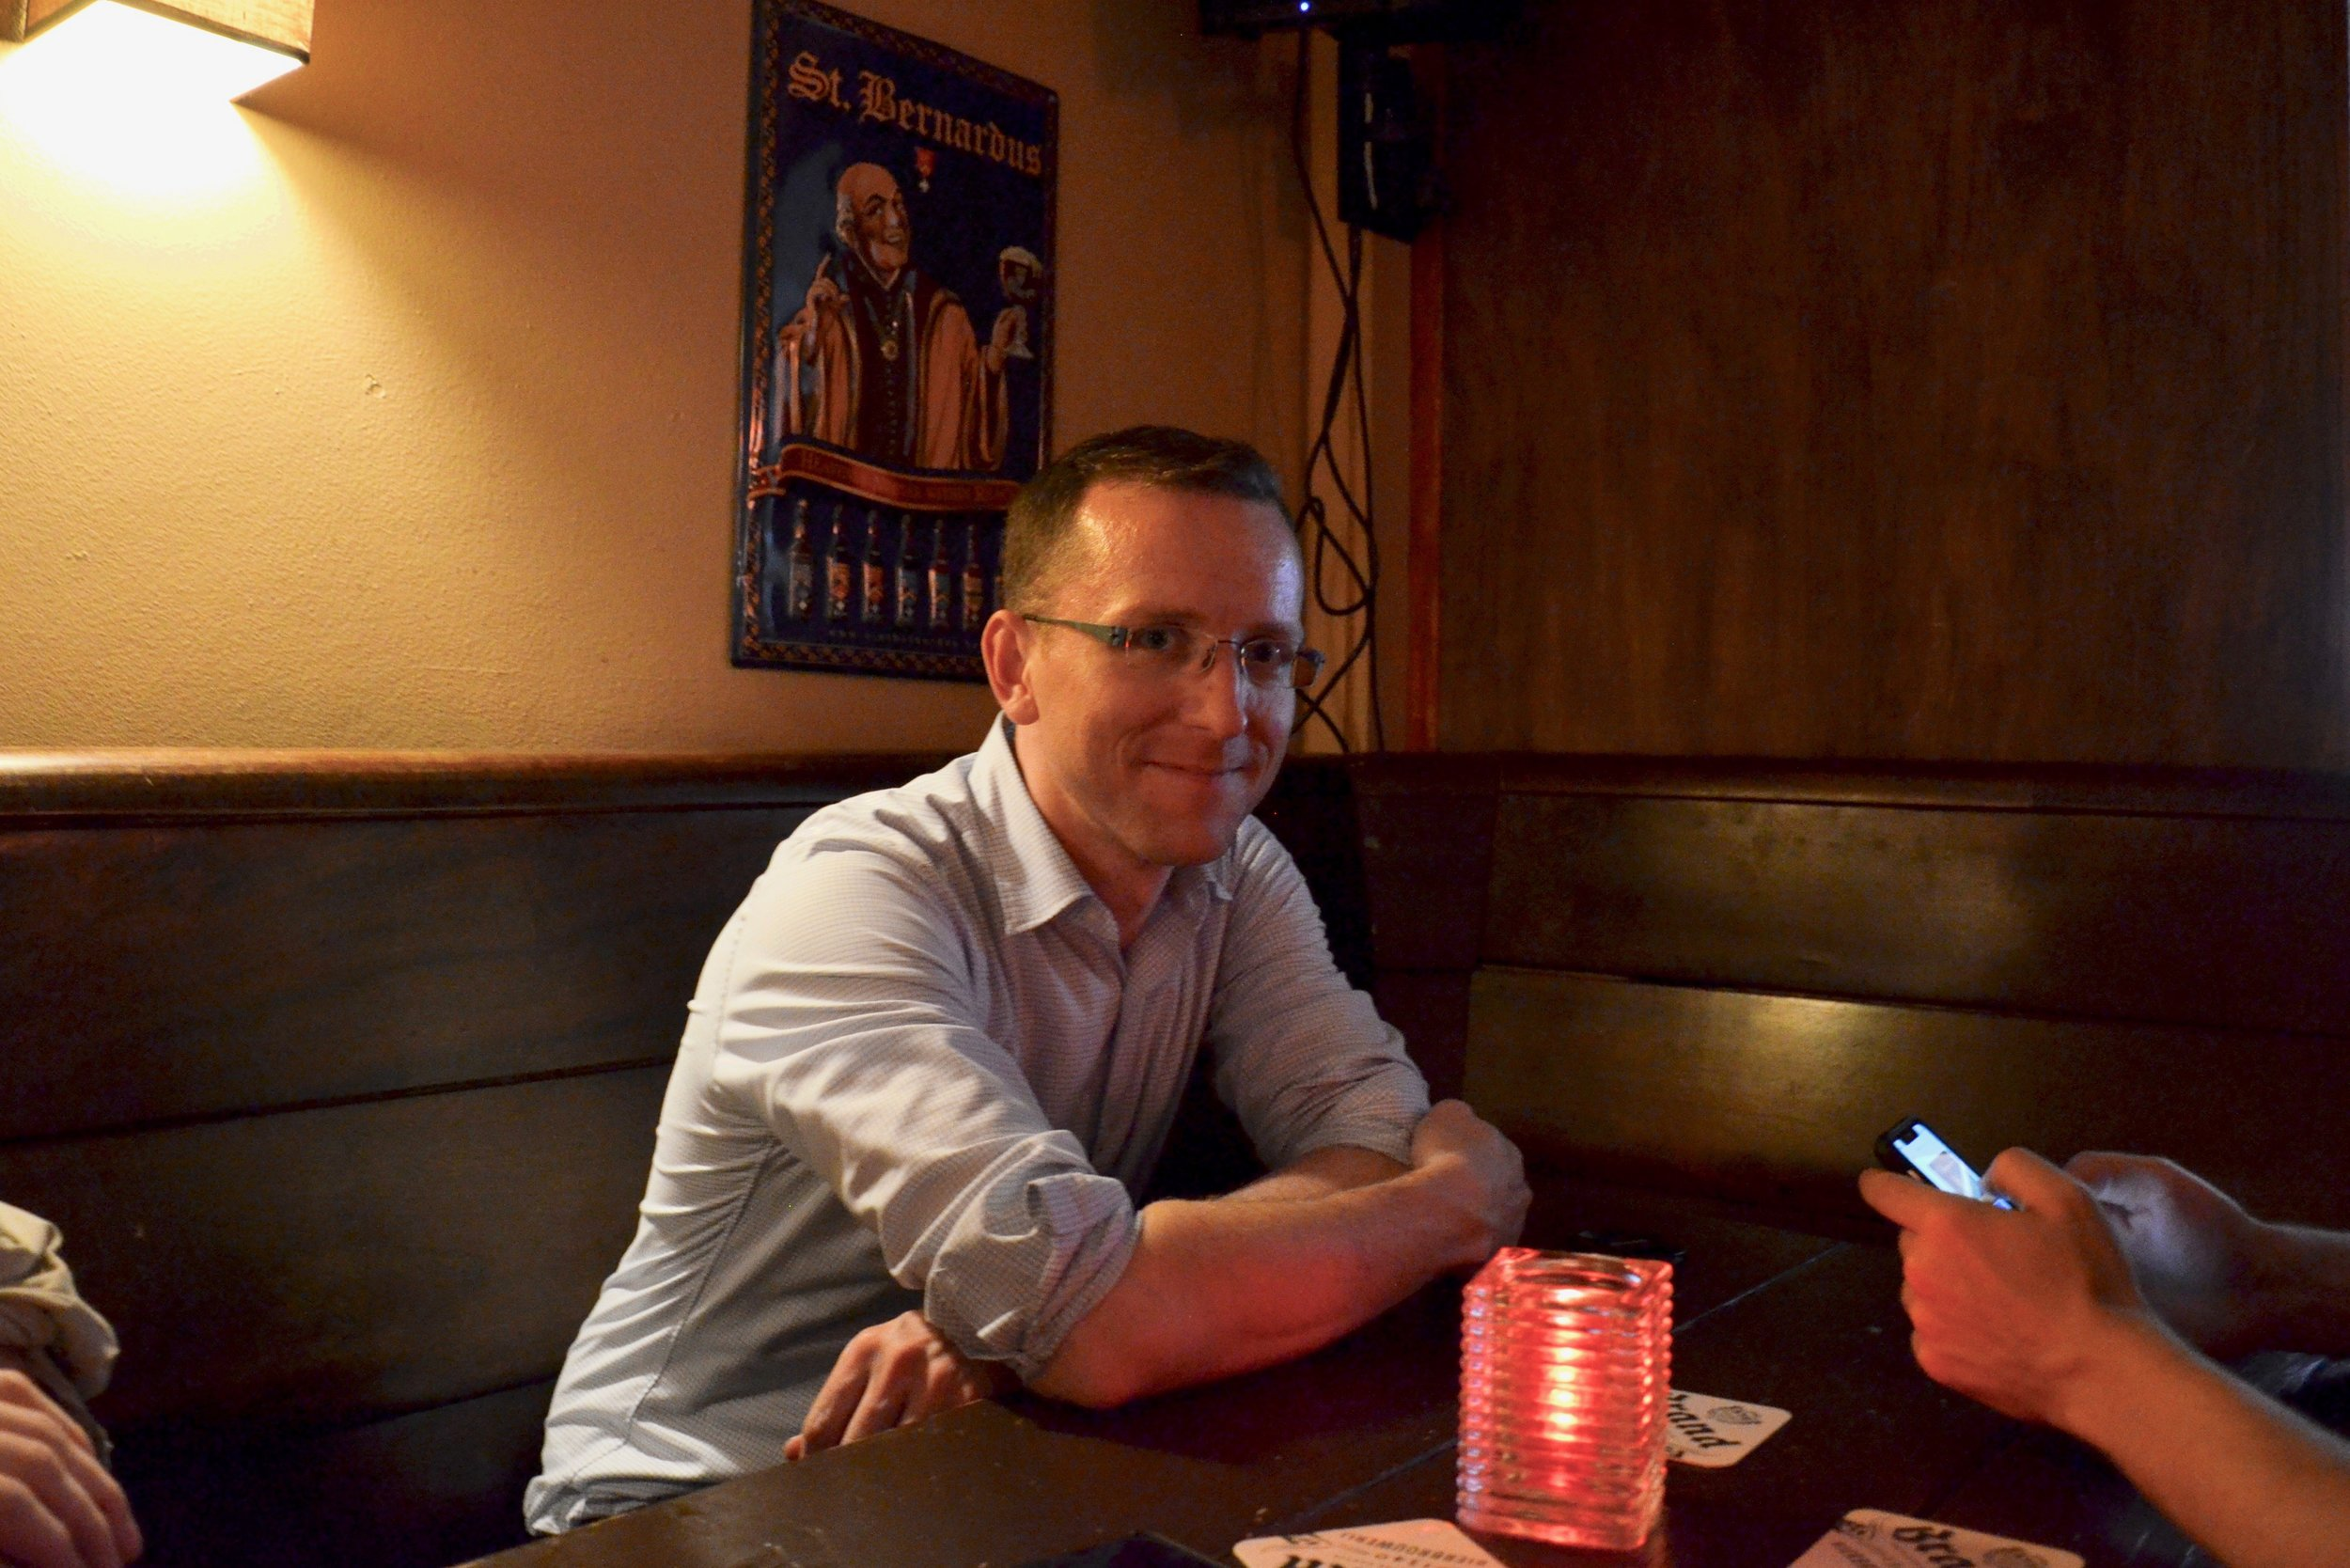 Christian Lane at dinner in Amsterdam.